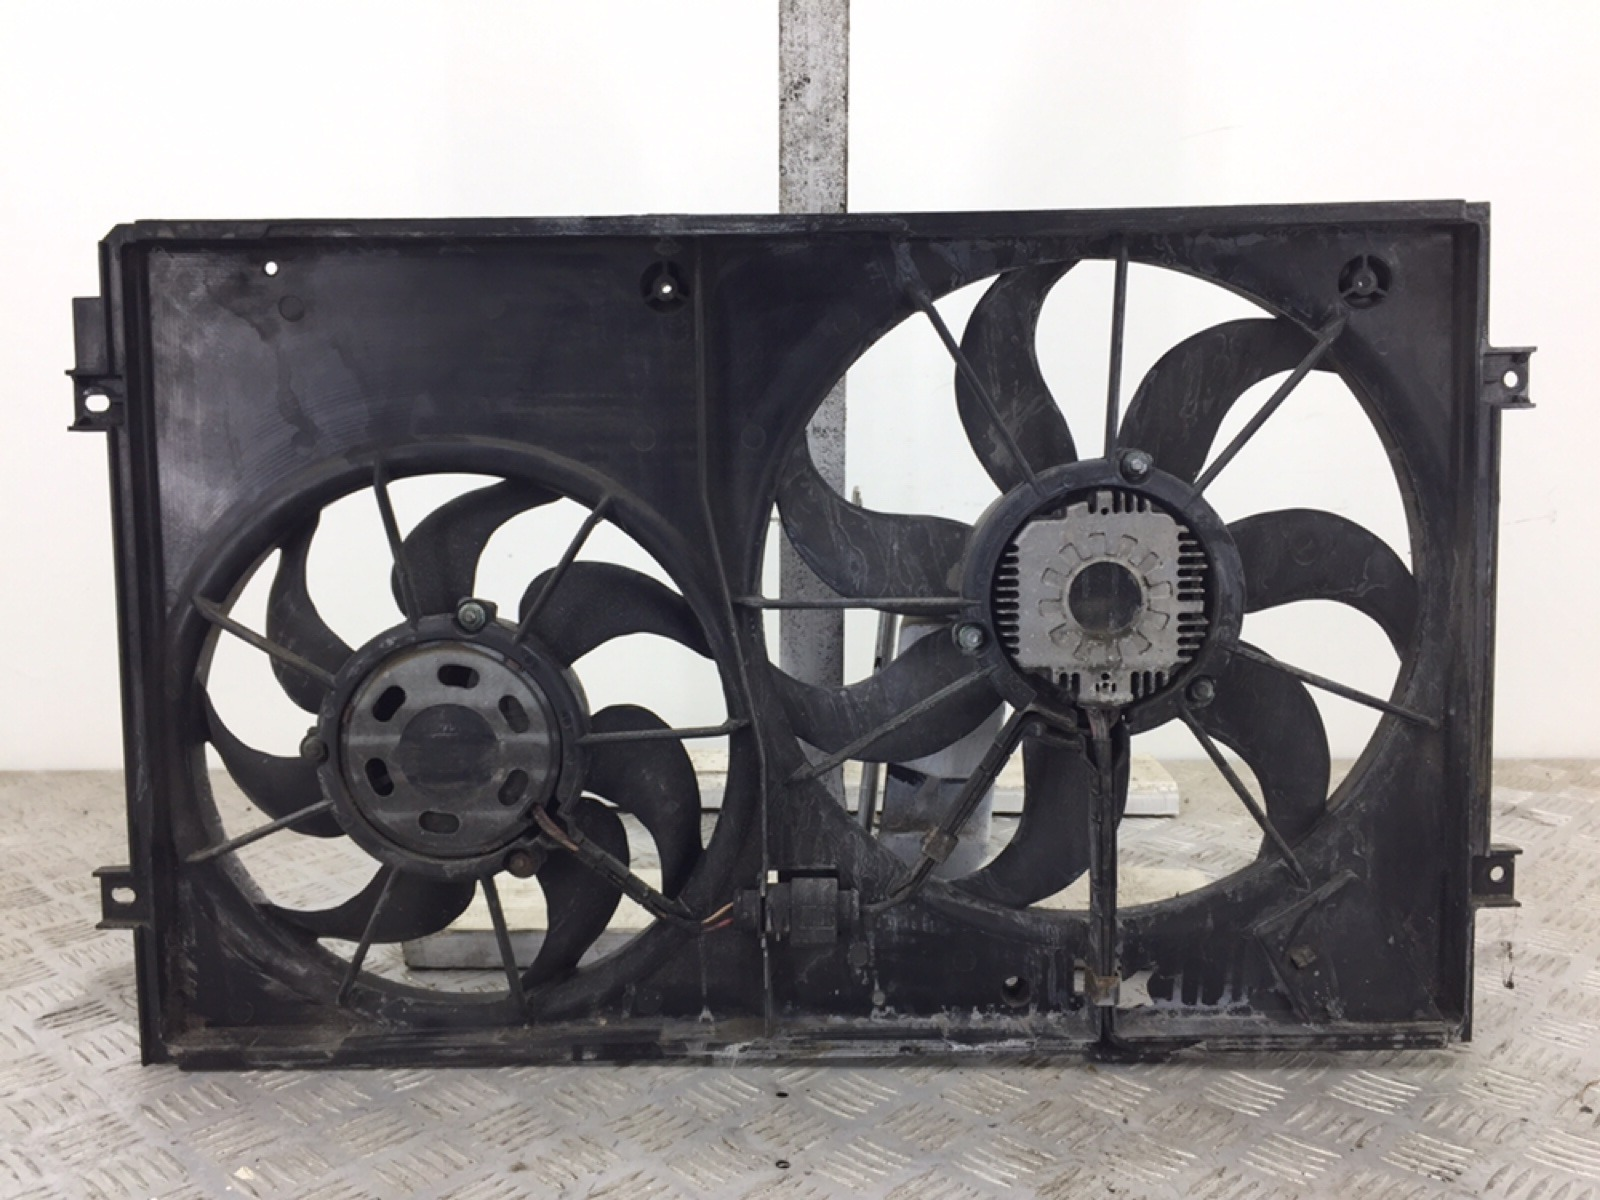 Вентилятор радиатора Seat Toledo 1.6 I 2006 (б/у)